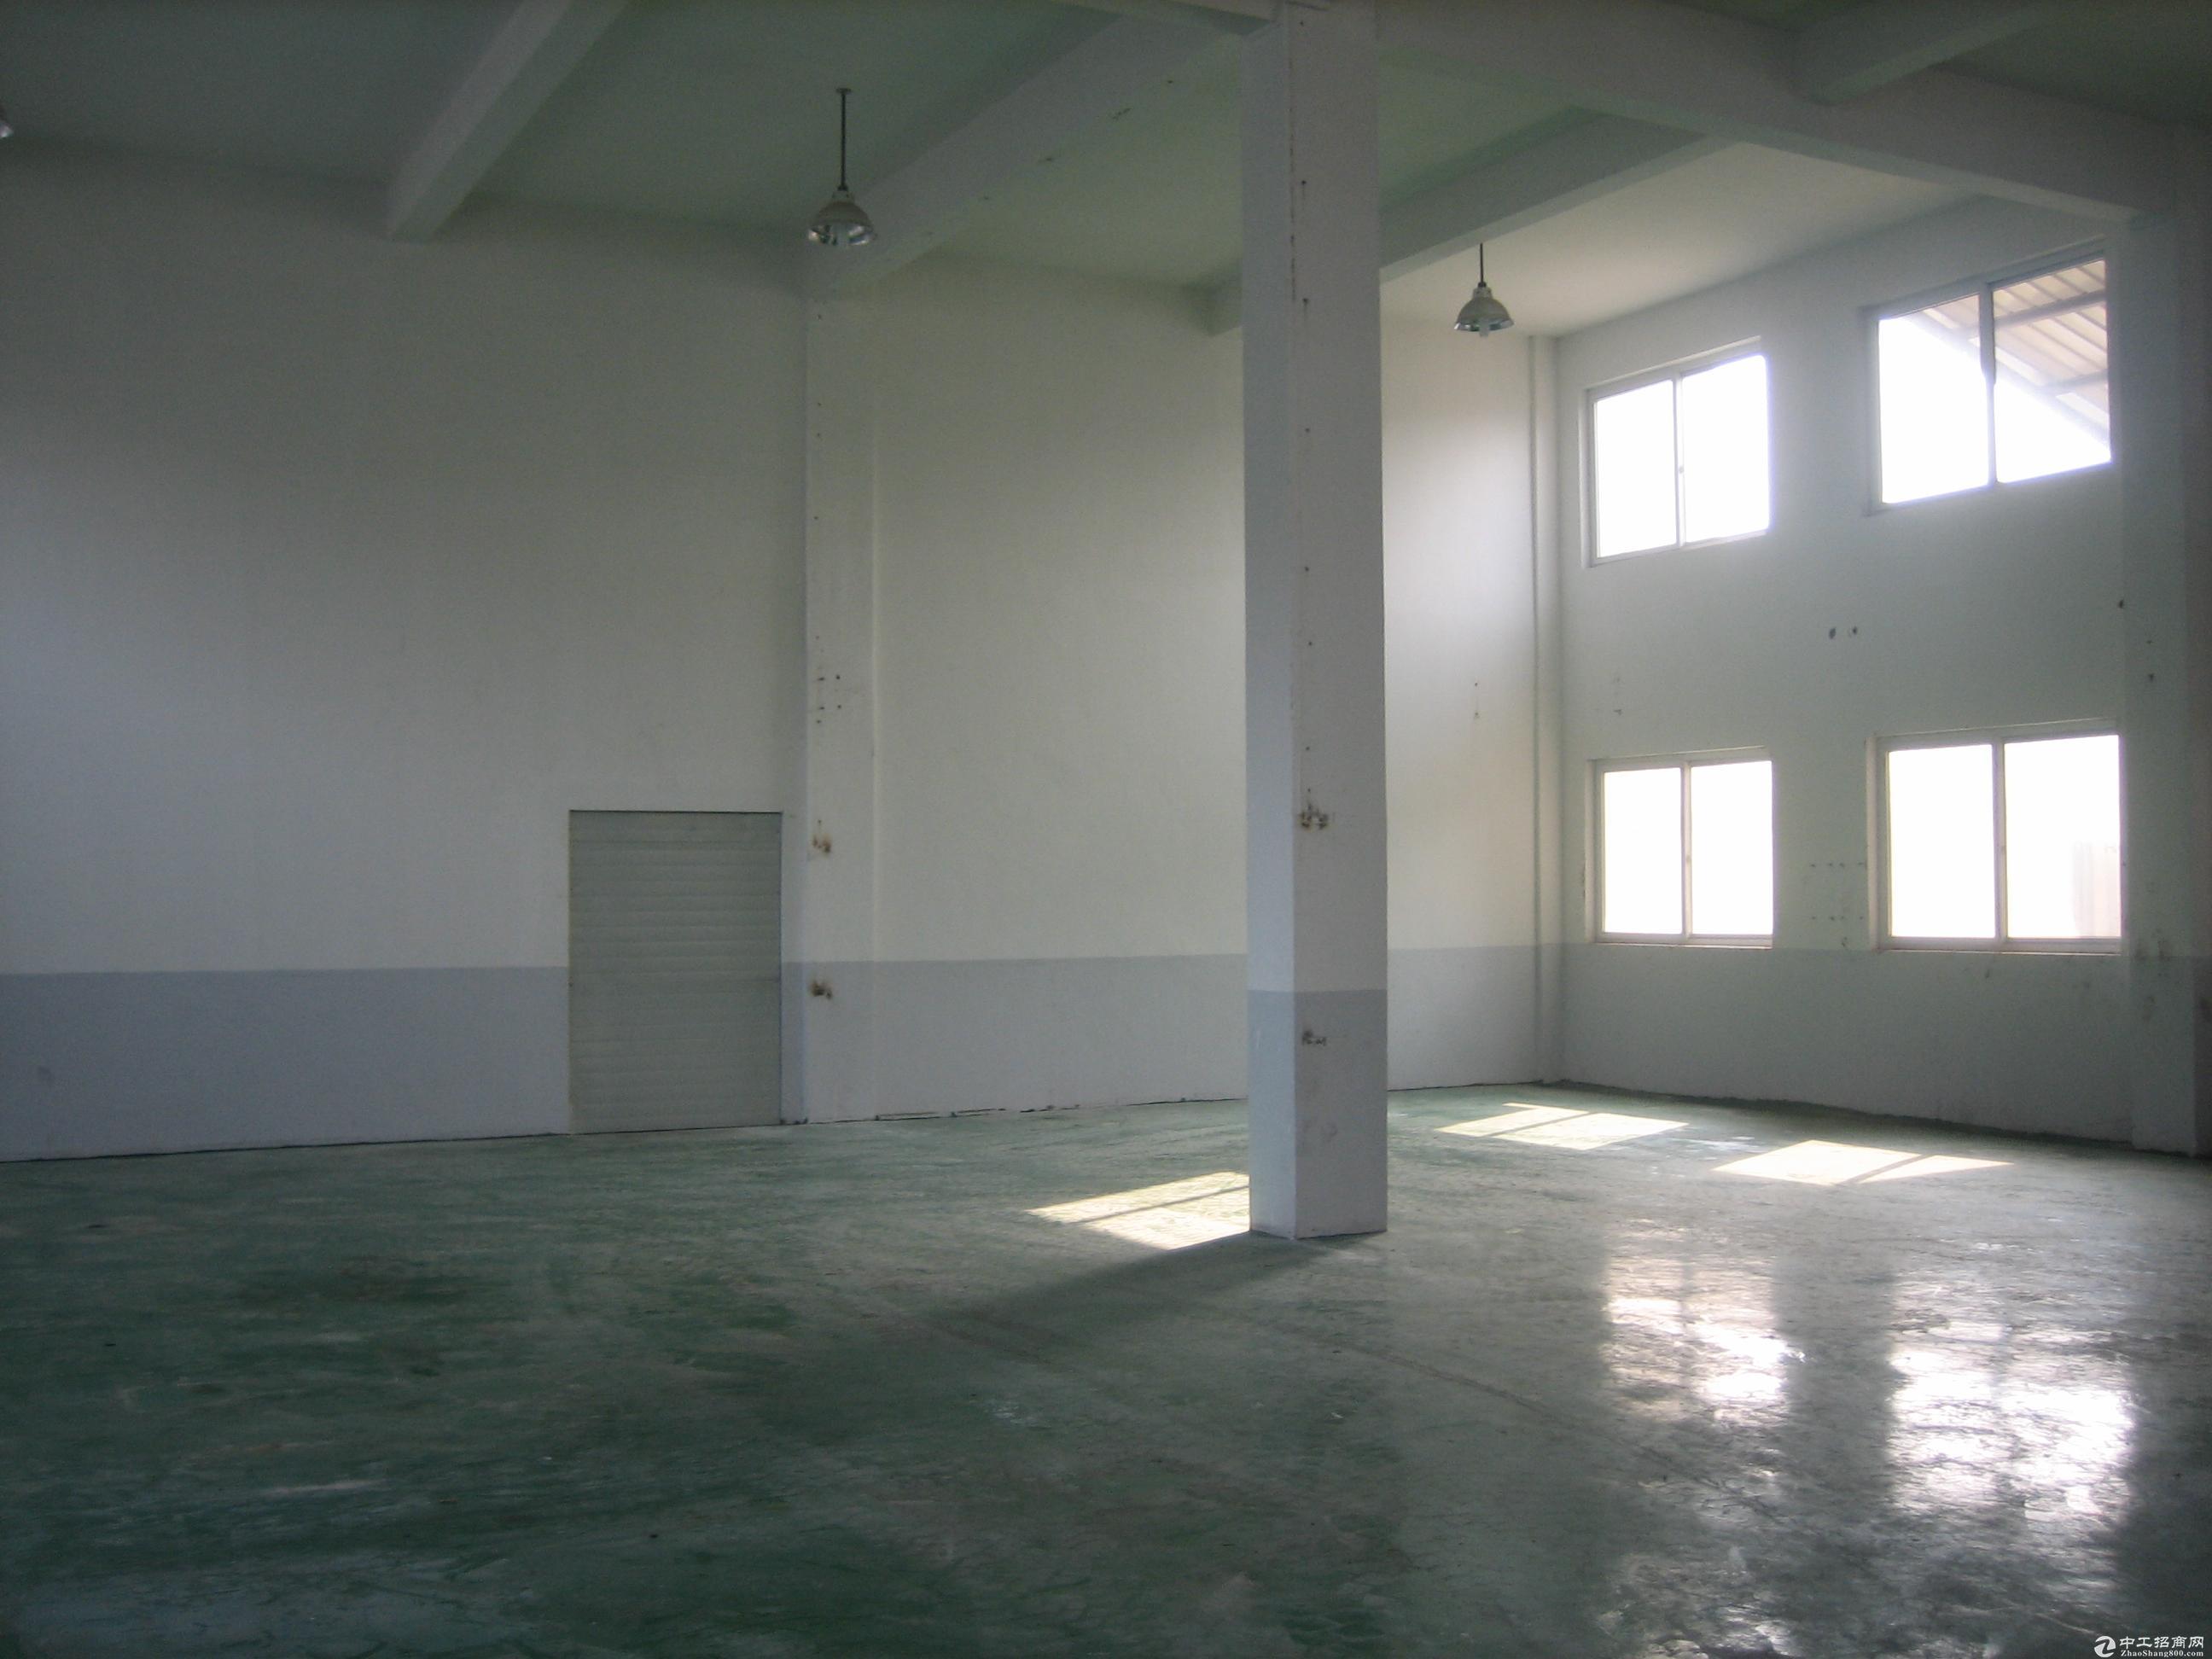 南翔独门独户小型底层800平方米厂房仓库出租(房东个人)